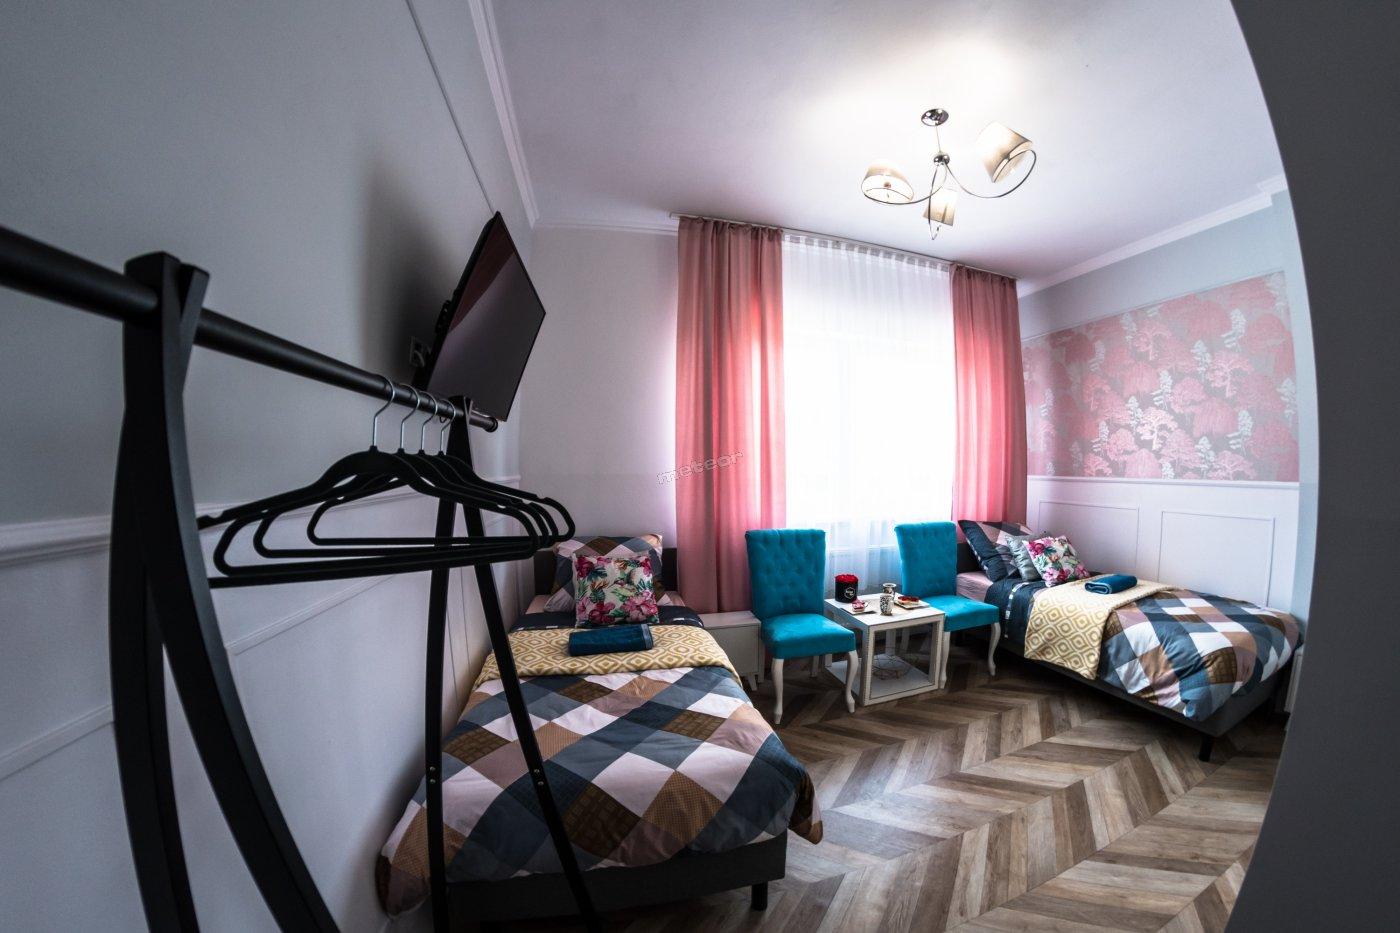 Pokój numer 1